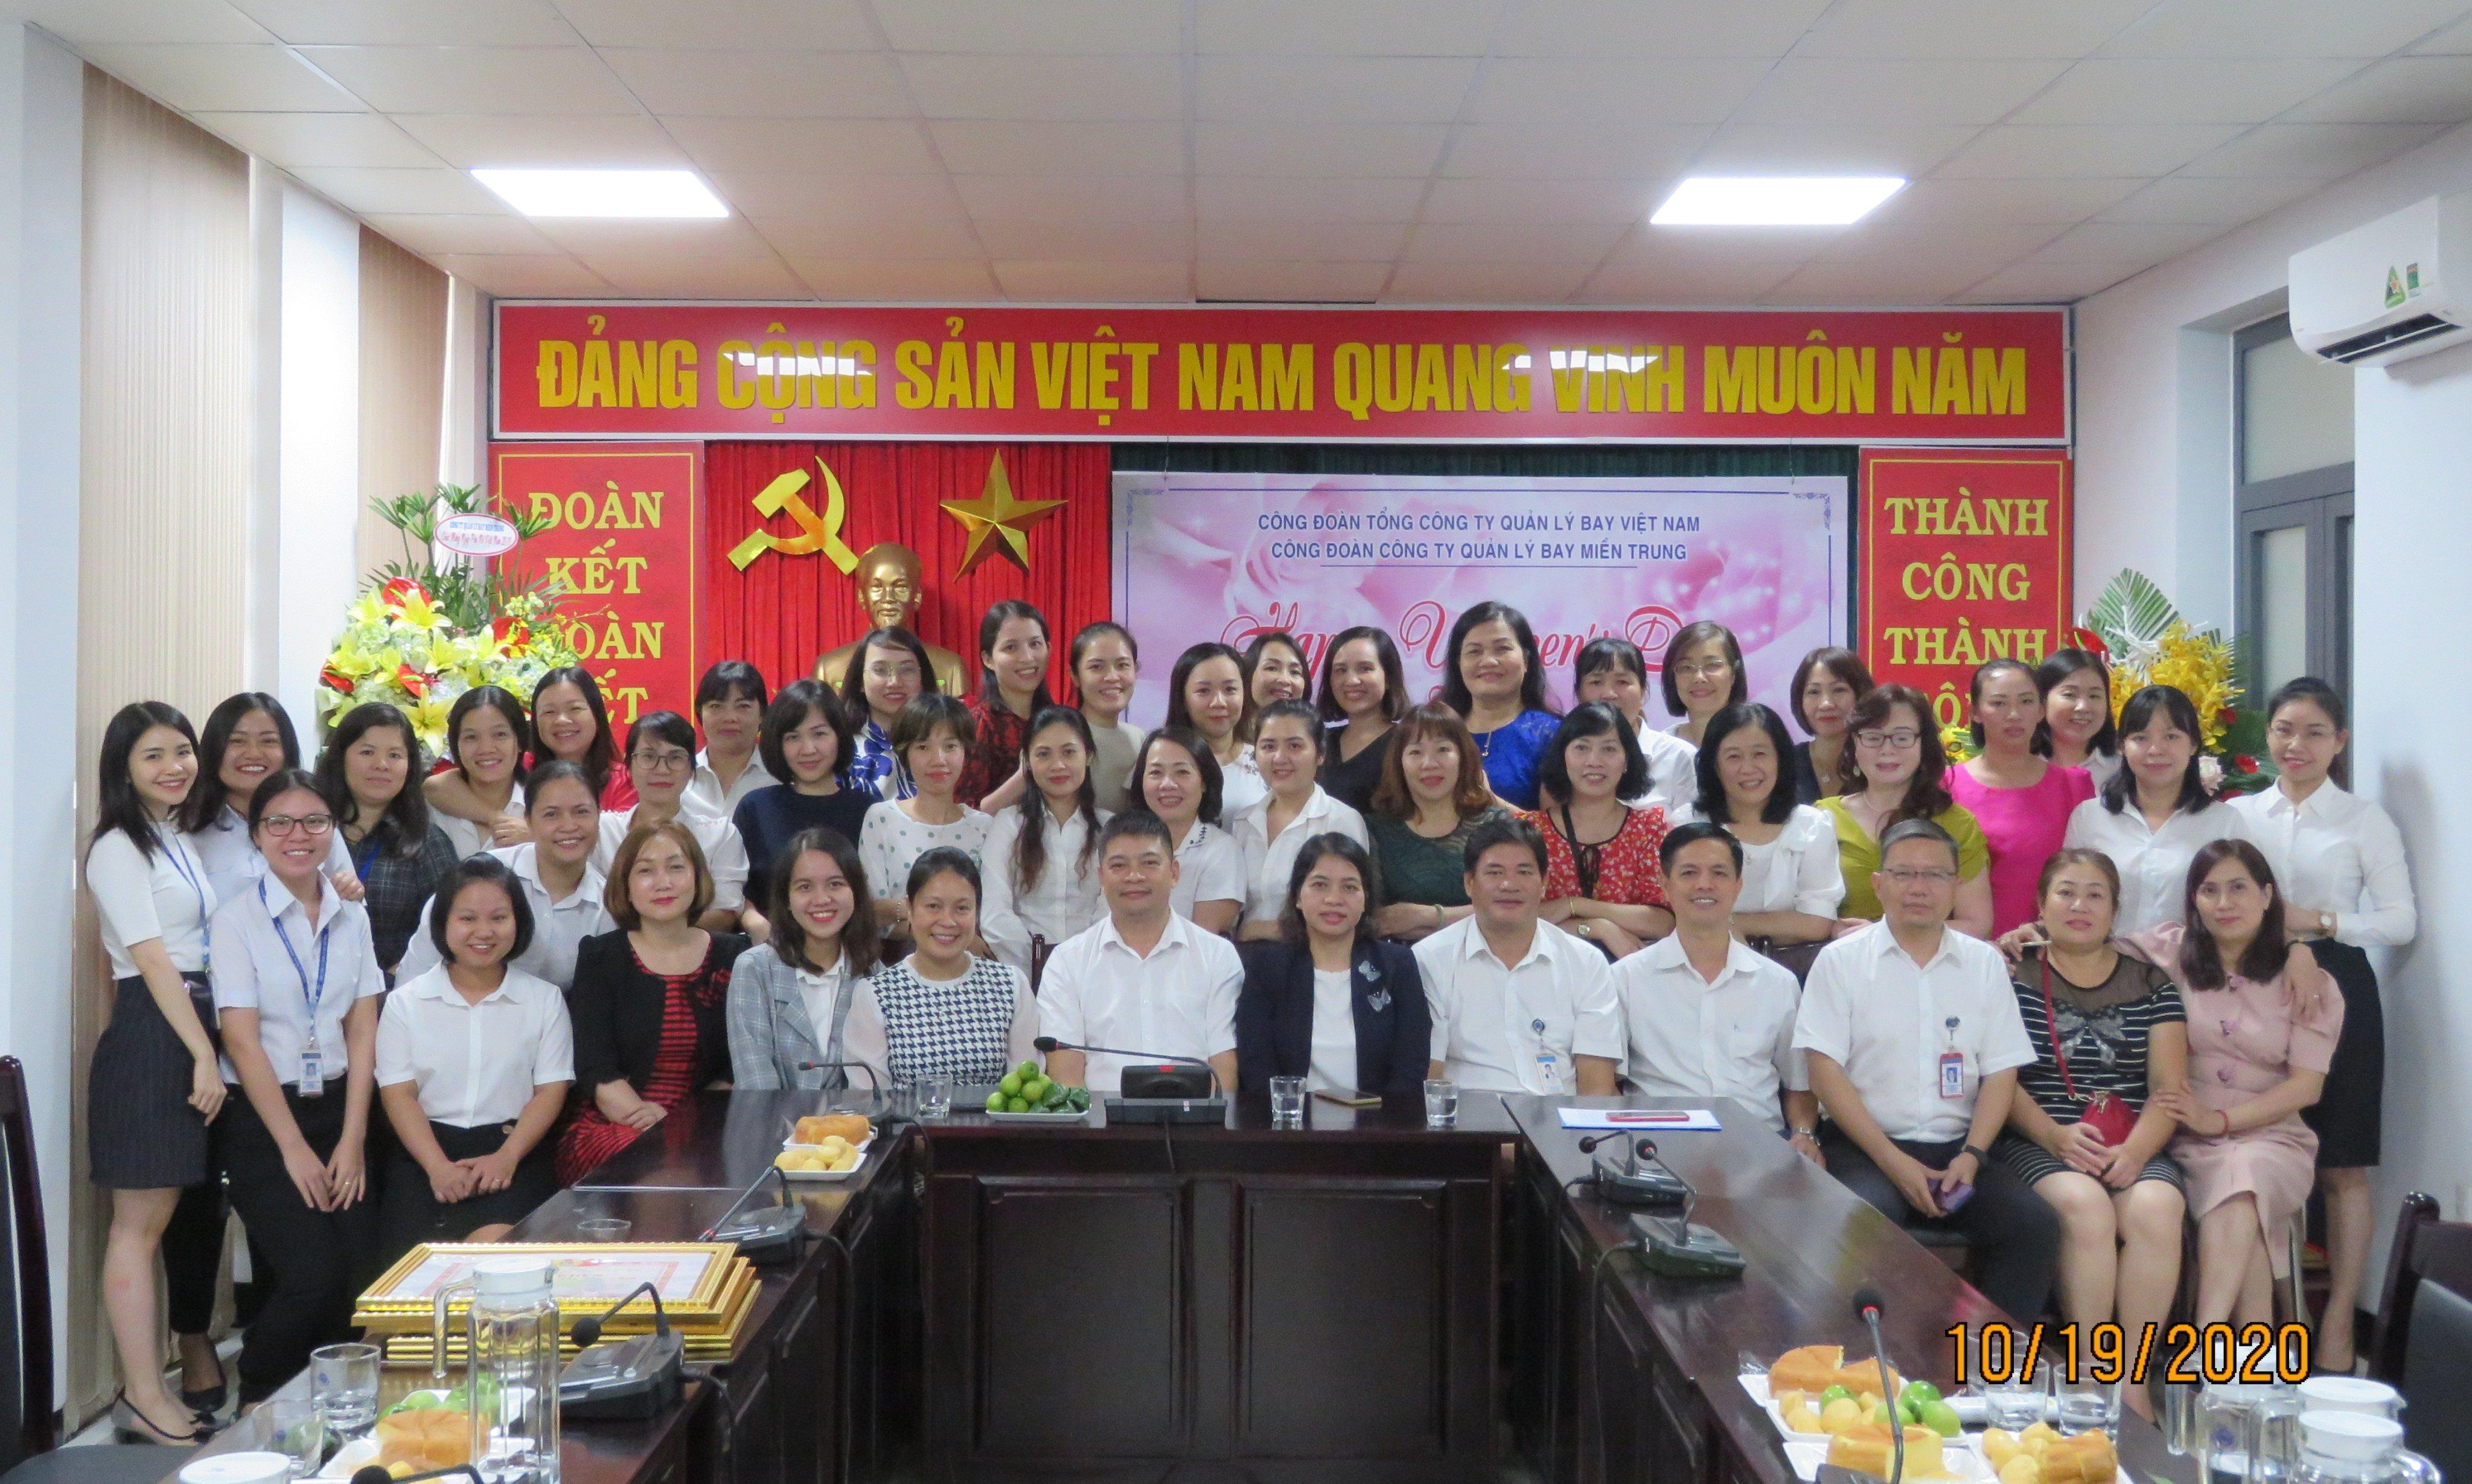 Công đoàn Công ty QLB miền Trung tổ chức gặp mặt Nữ CNV nhân kỷ niệm 90 năm Ngày thành lập Hội LHPNVN (20/10/1930-20/10/2020)